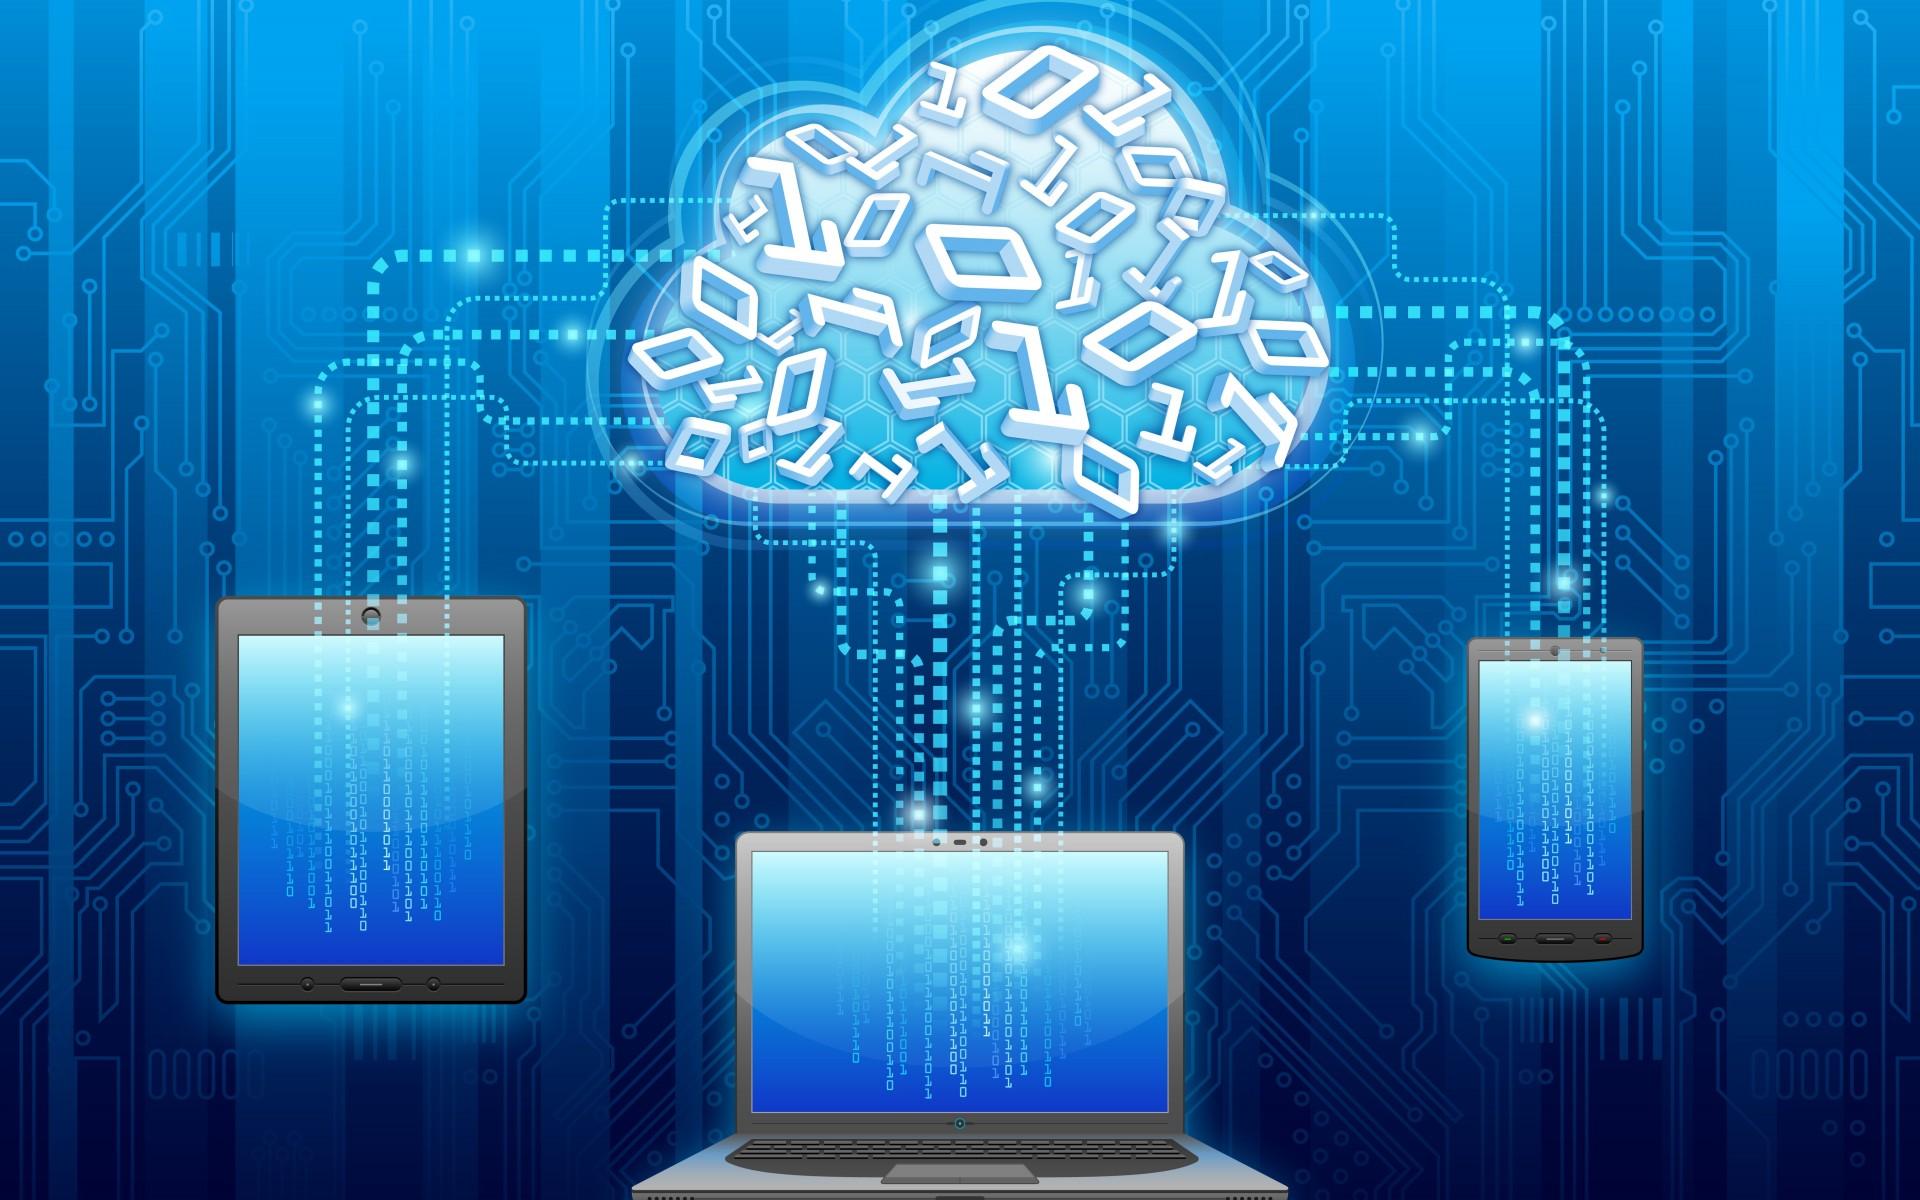 عروض بوربوينت درس نظم إدارة قواعد البيانات خطوات تصميم وبناء قاعدة بياناتمادة الحاسب الالي 2 نظام المقررات 1441